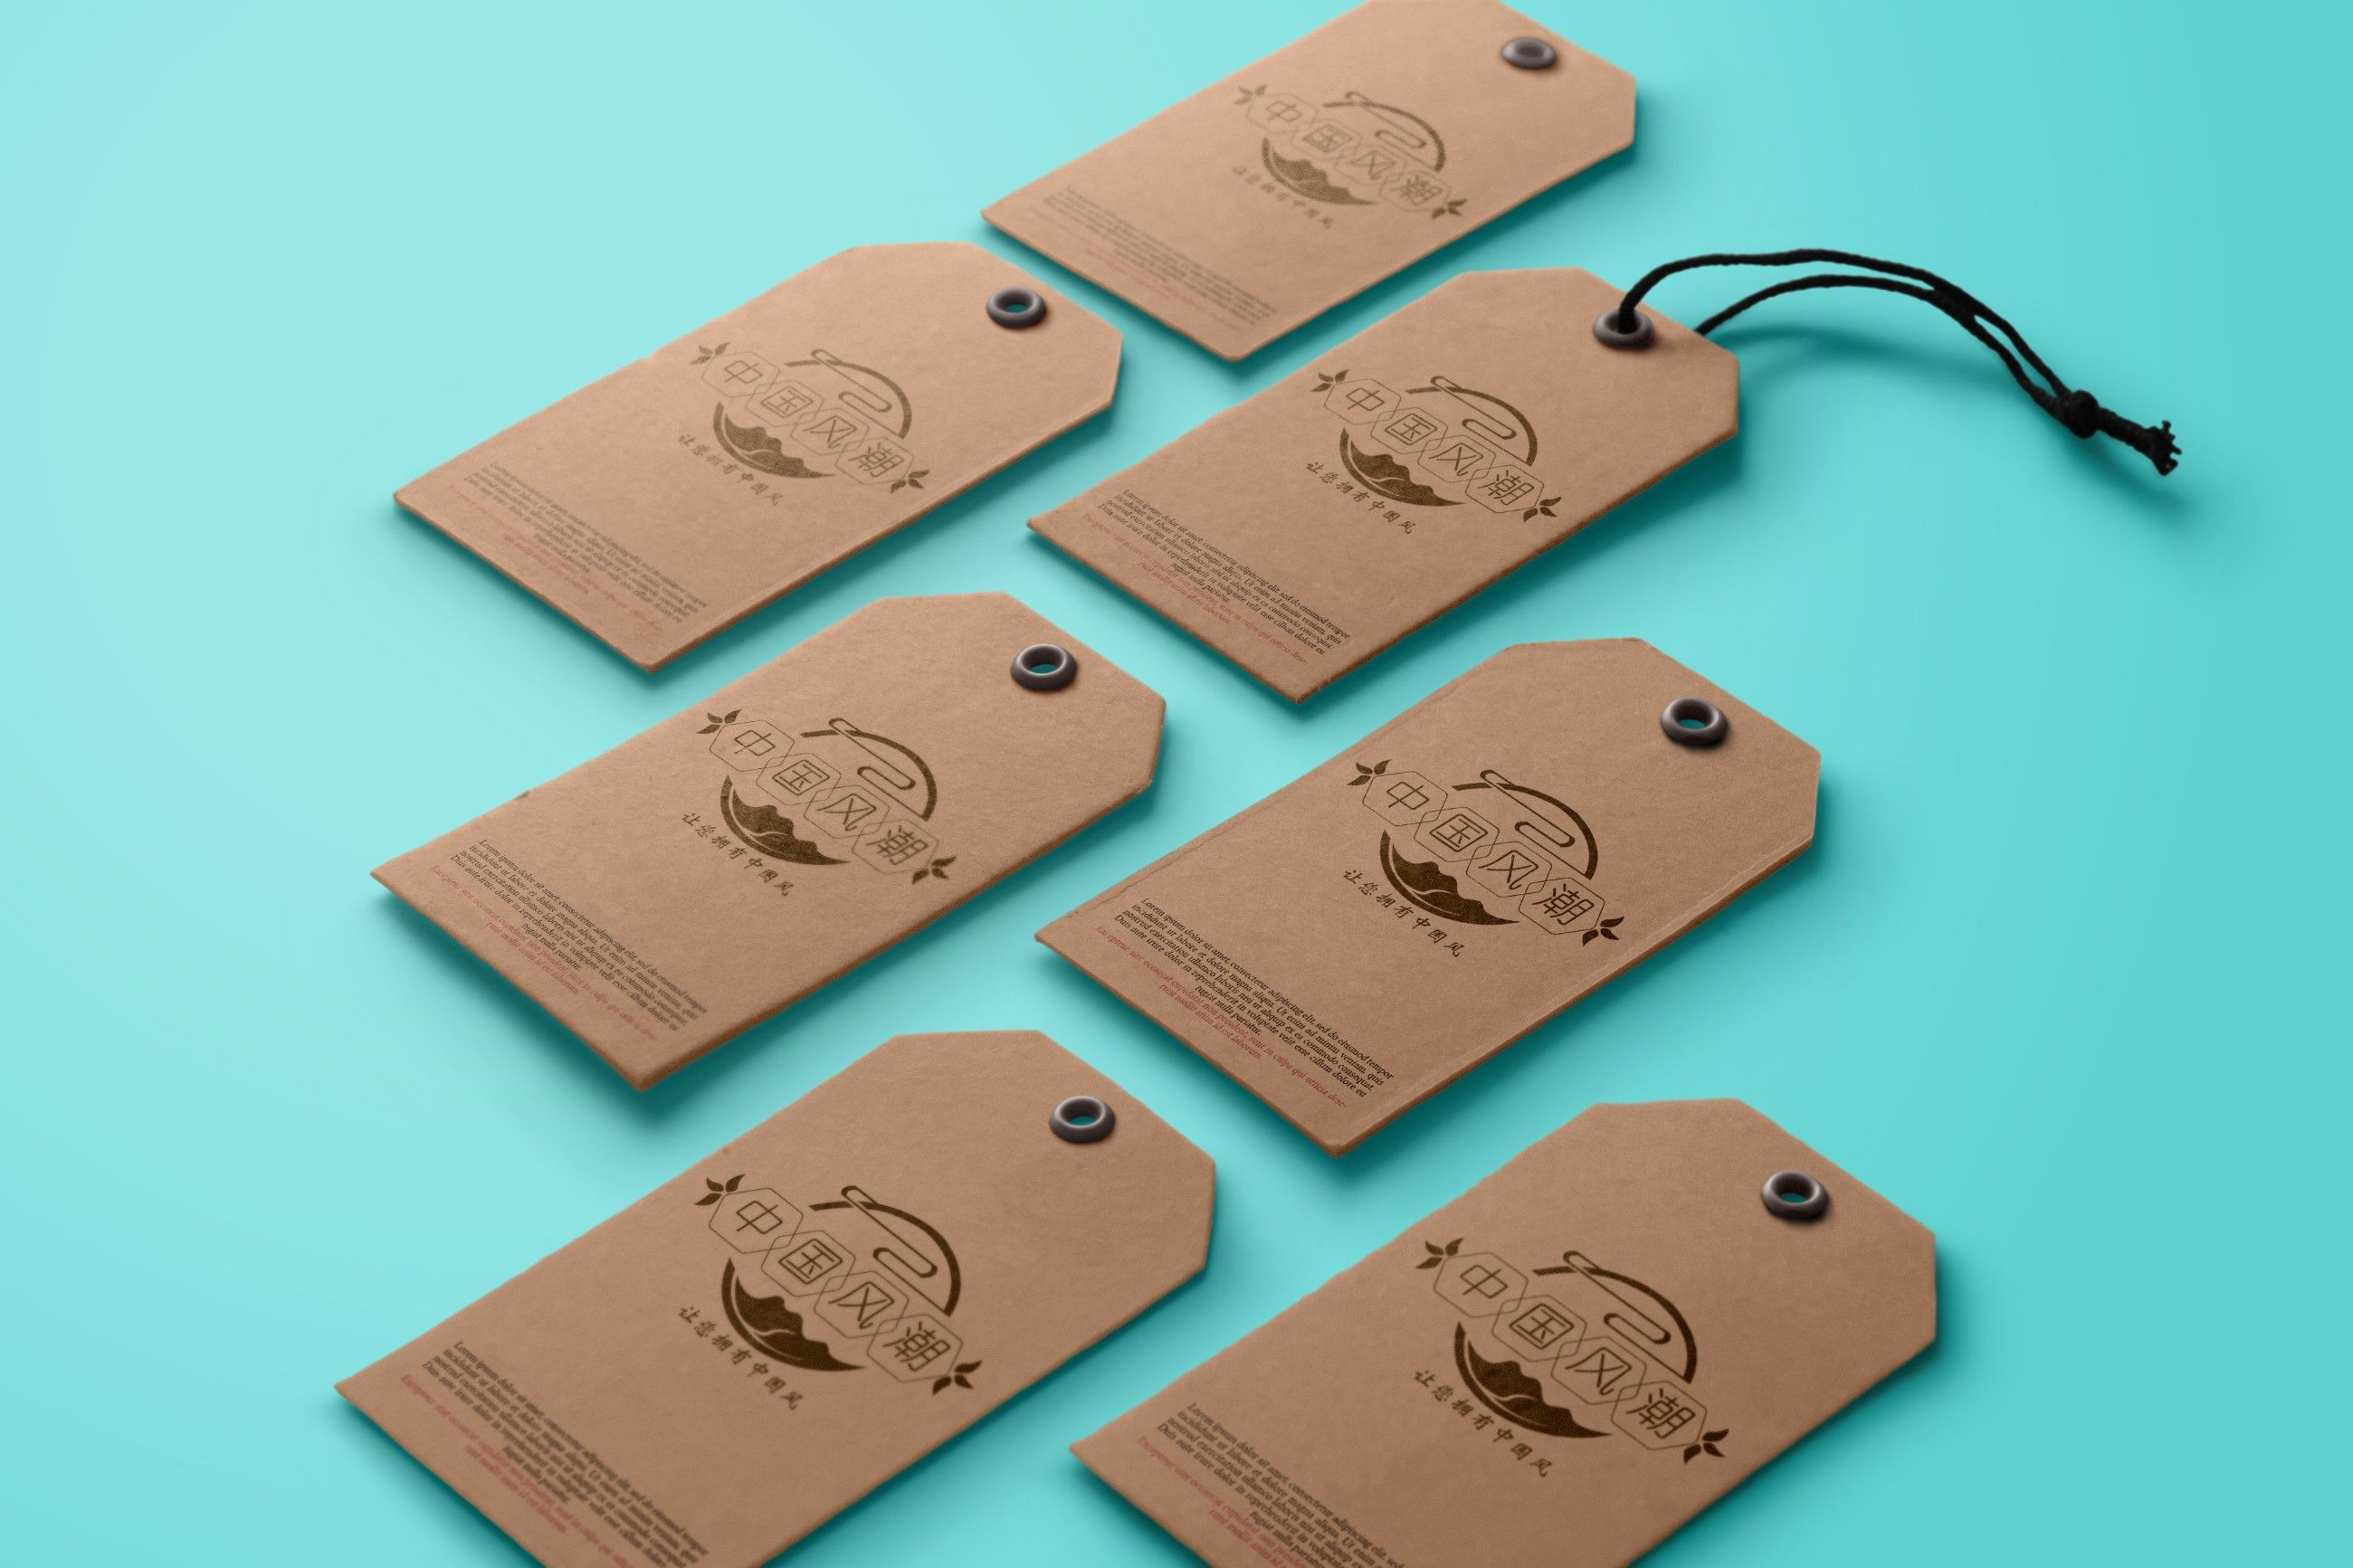 中國風潮品牌標志設計 飛特網 標志設計